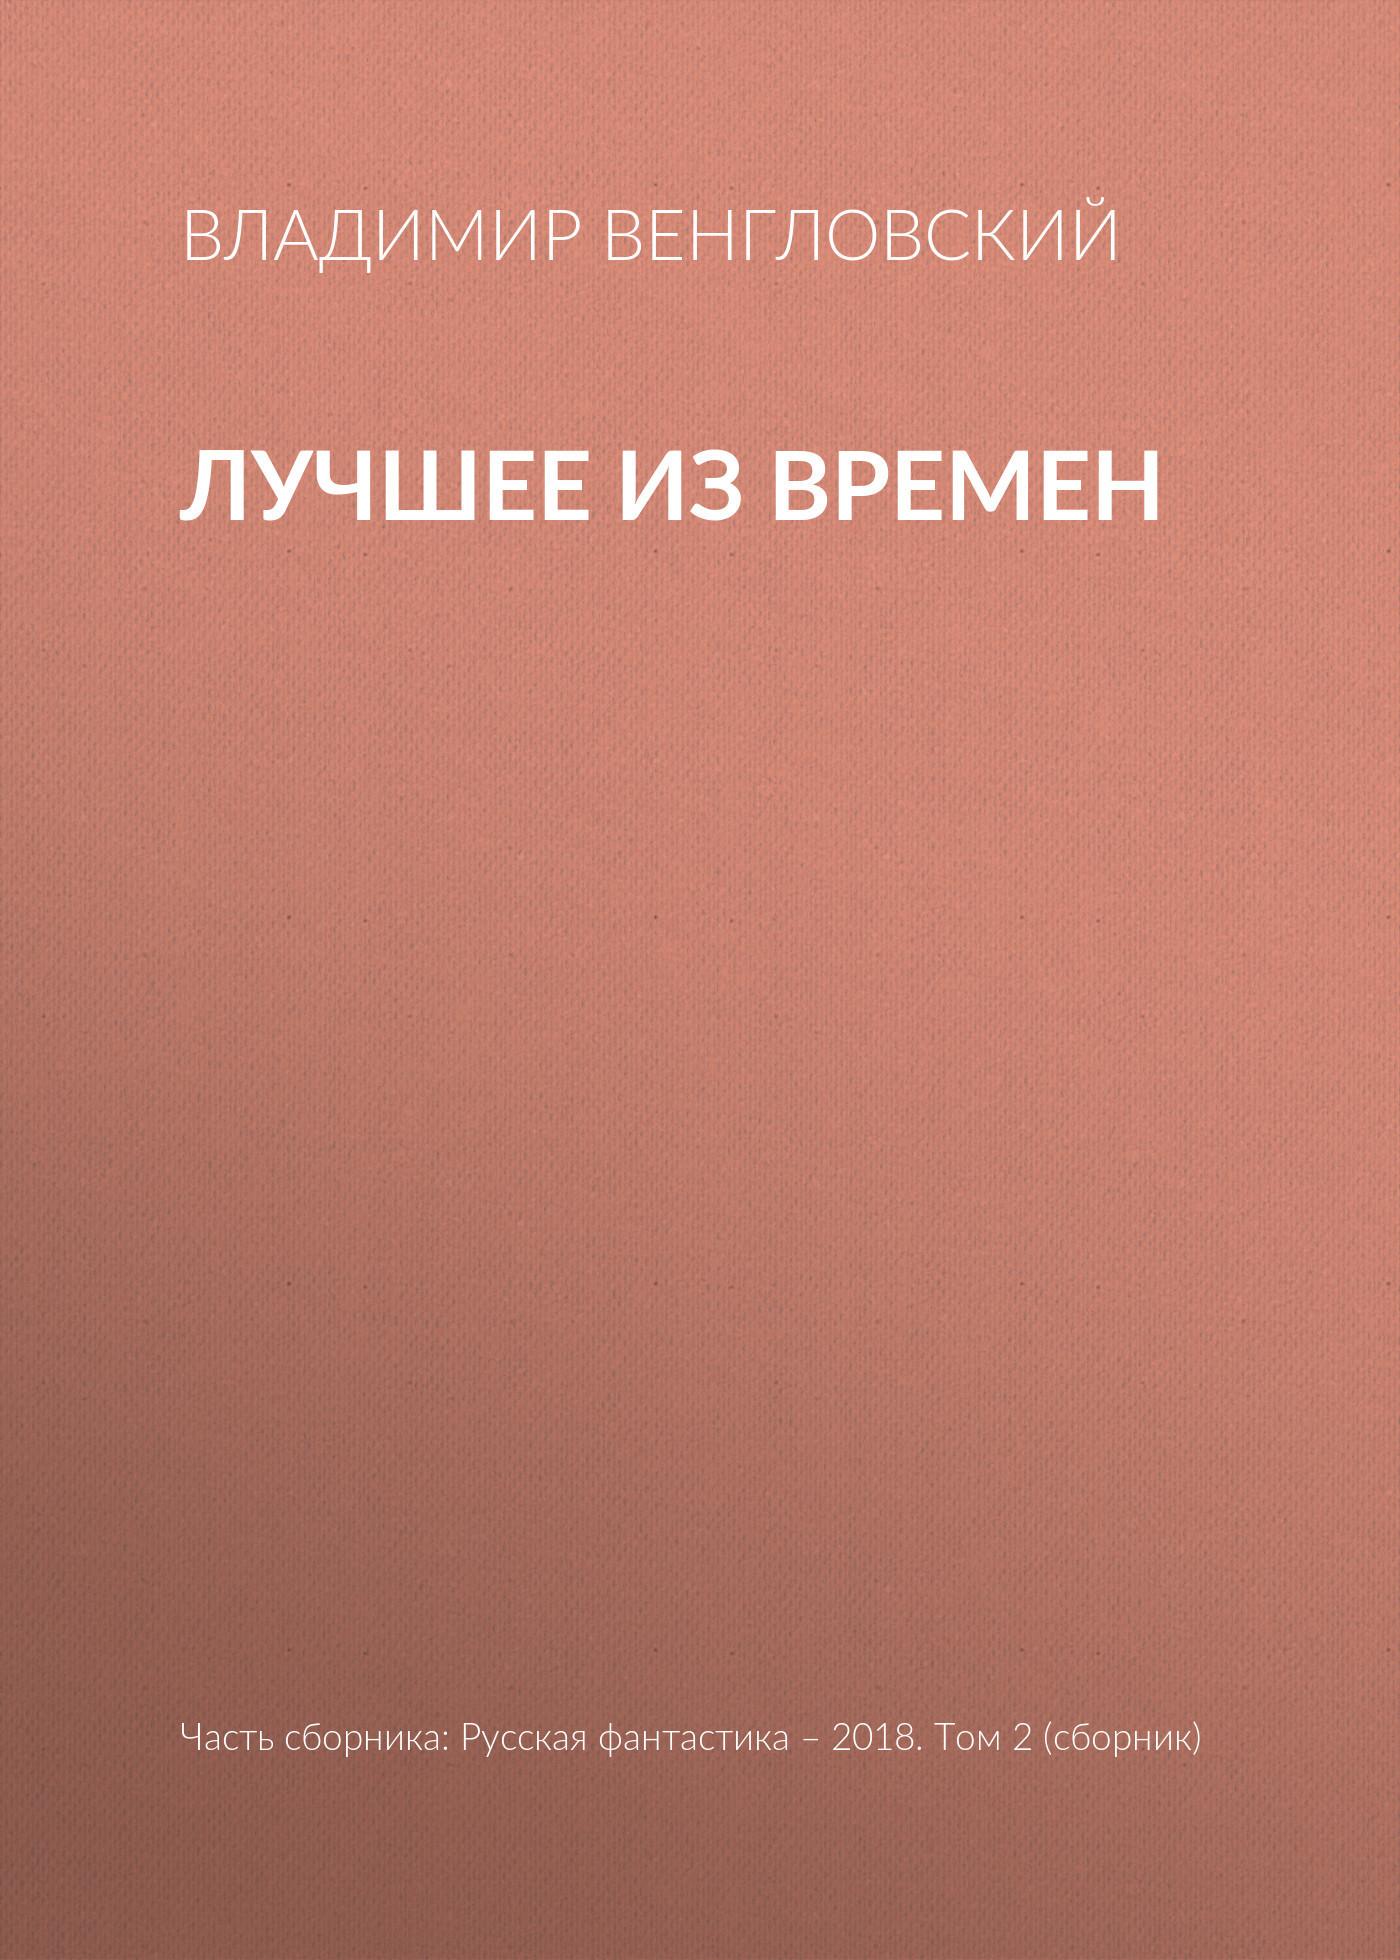 Владимир Венгловский бесплатно